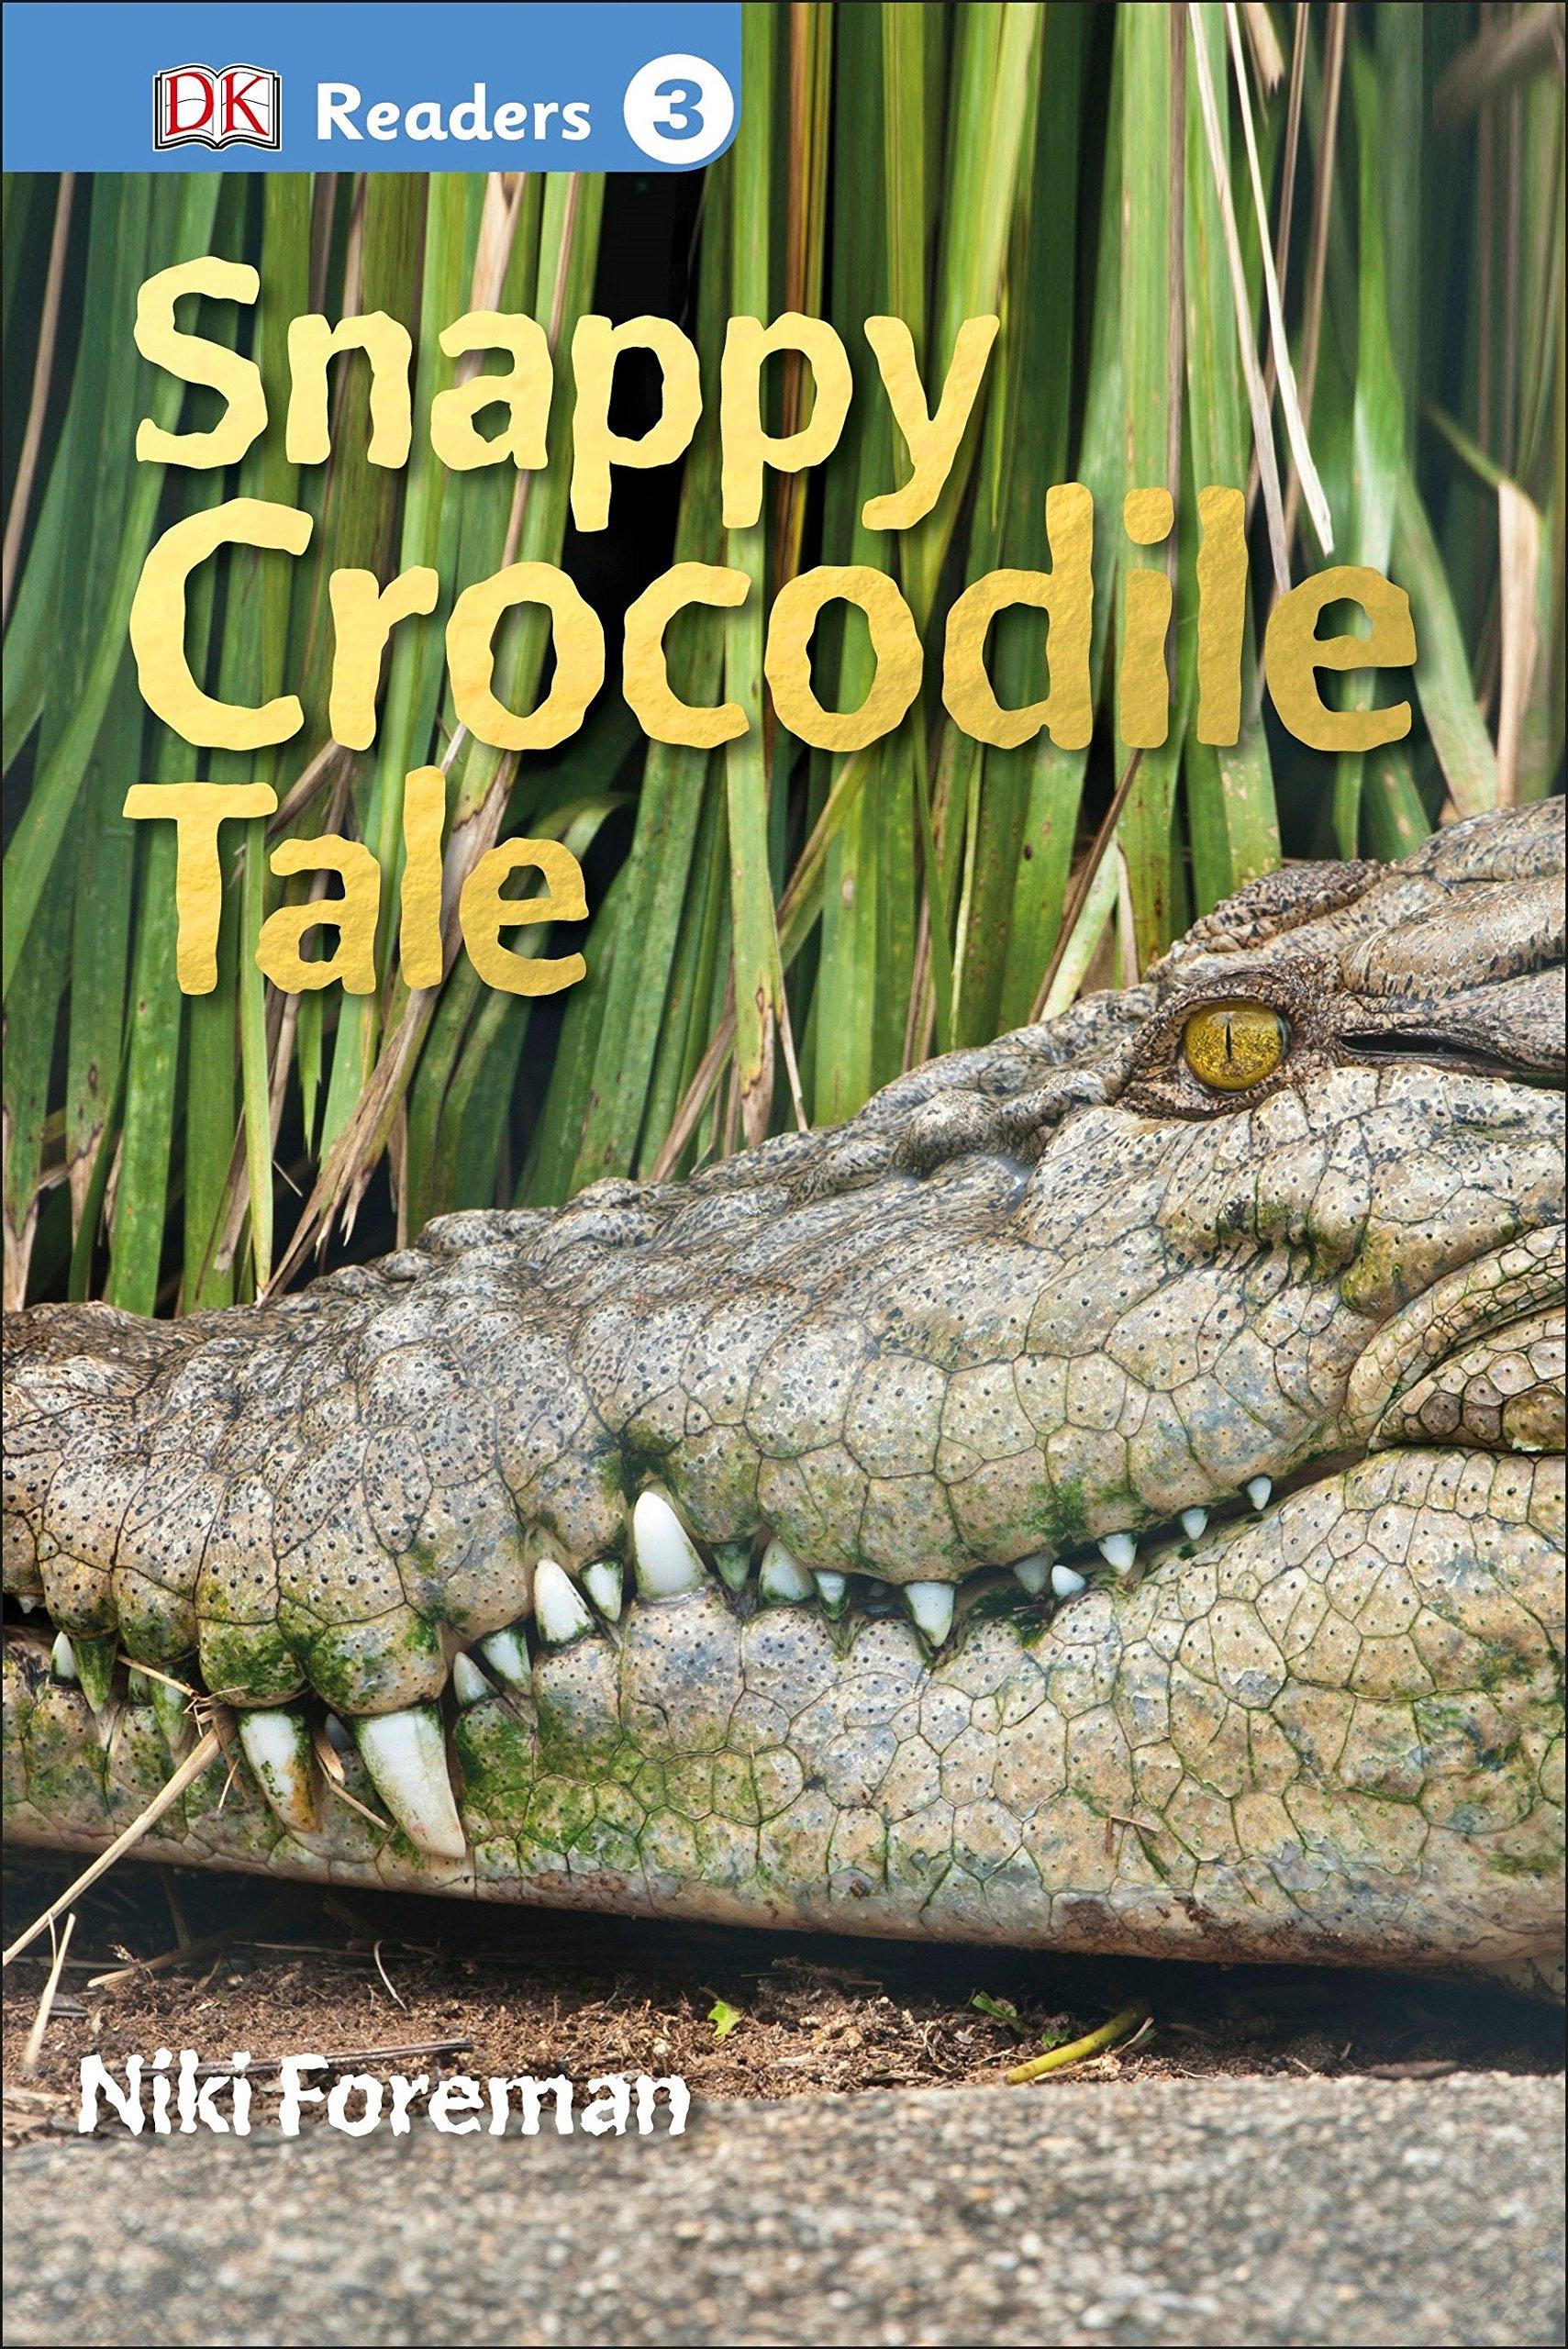 DK Readers L3: Snappy Crocodile Tale by DK Children (Image #1)